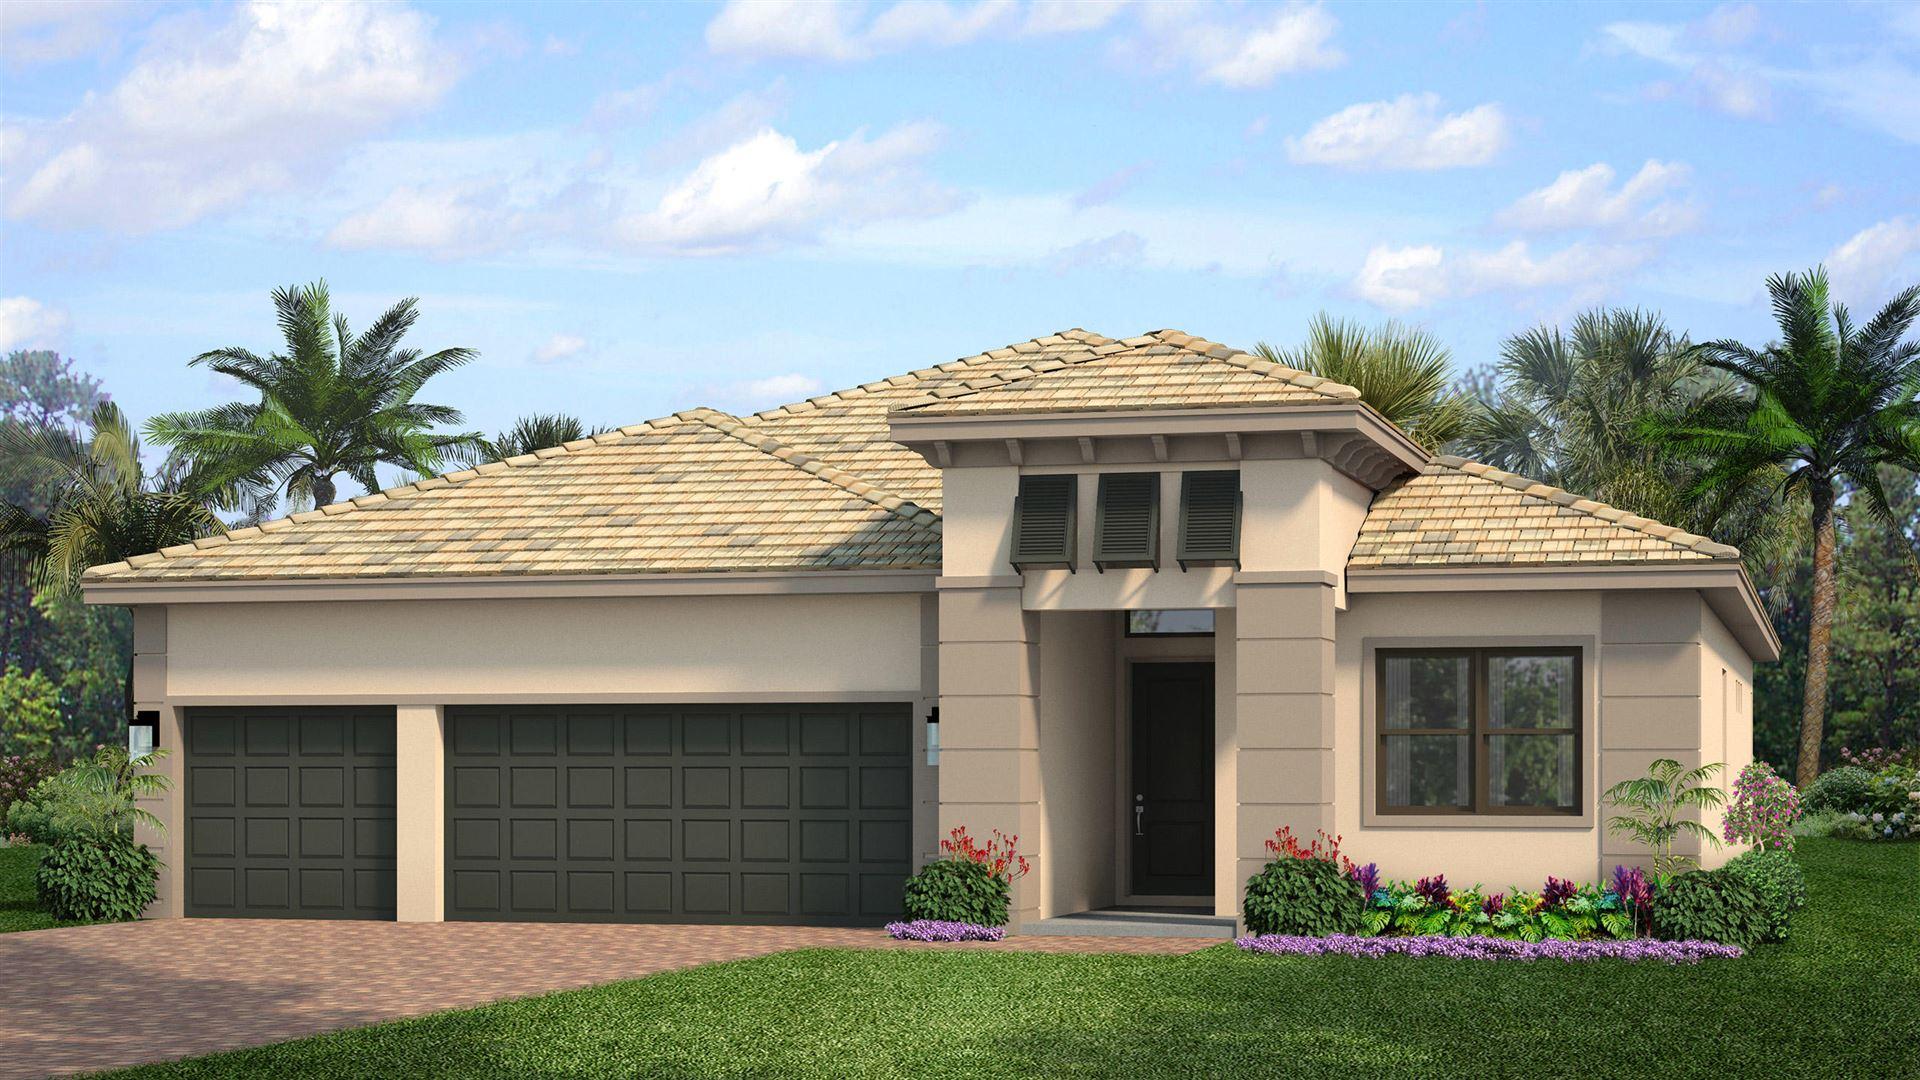 15712 Longboat Key Drive, Westlake, FL 33470 - #: RX-10730901